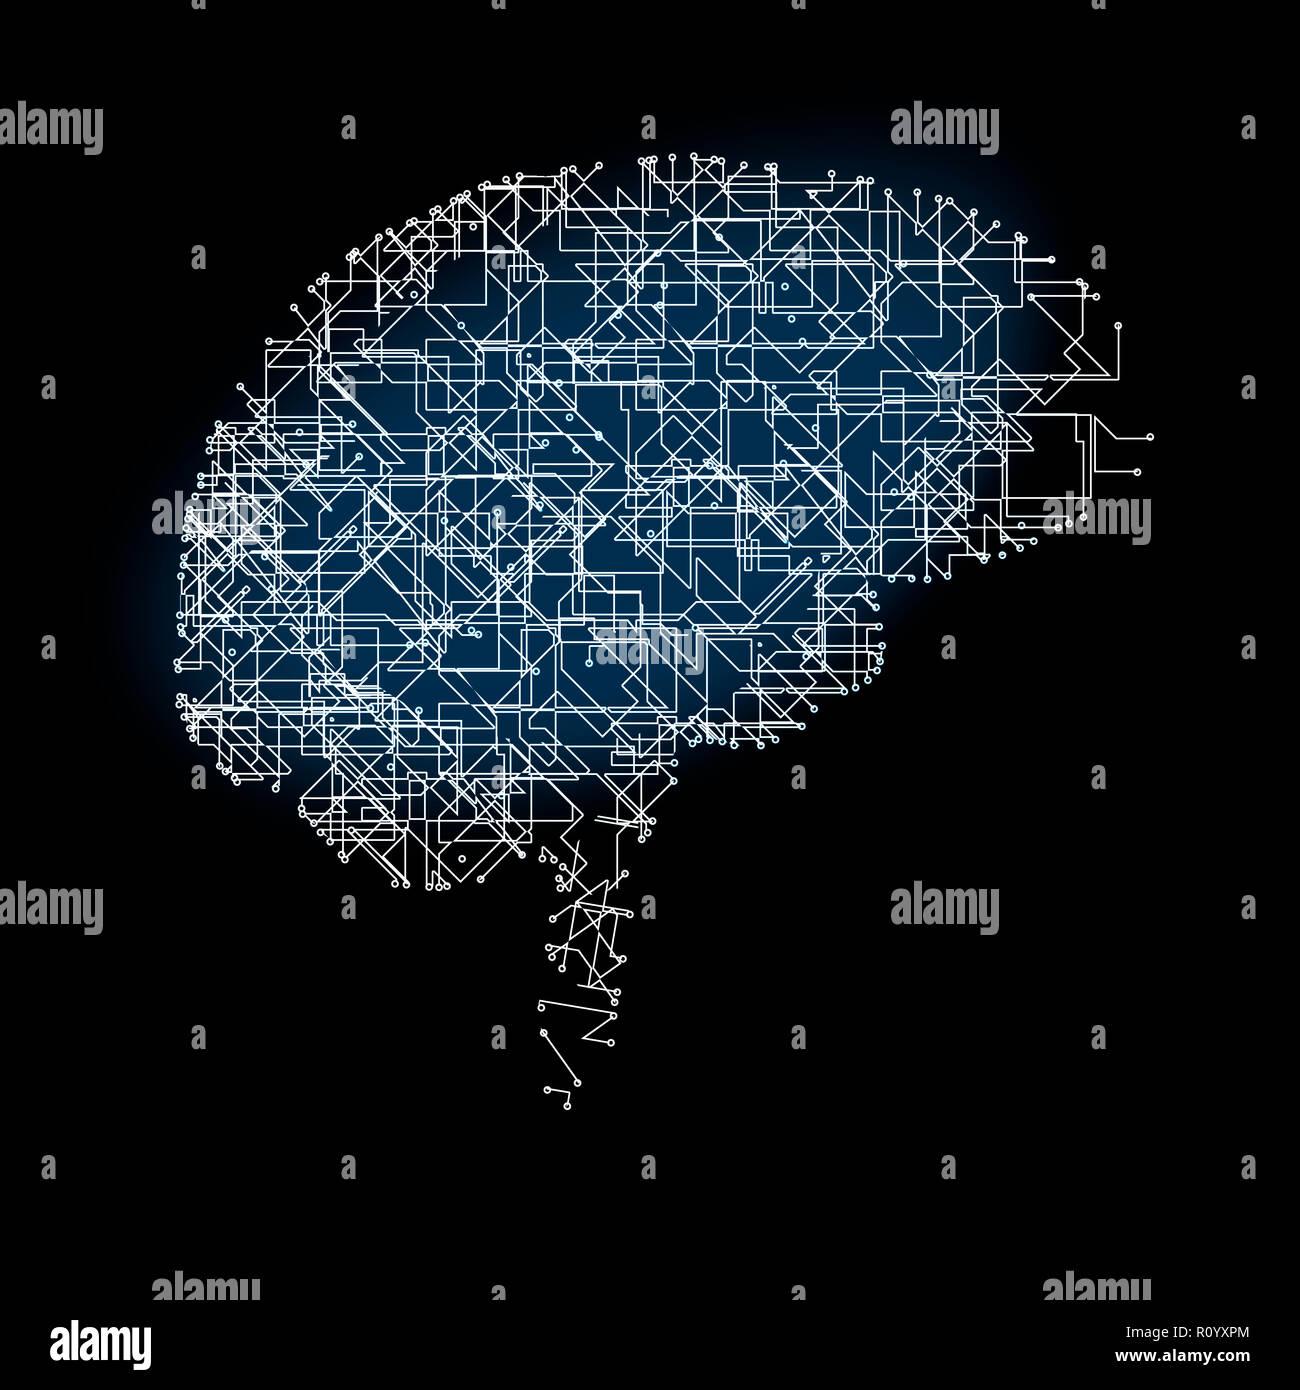 Digitales Bild der menschlichen Anatomie des Gehirns von künstlichen Netzen auf schwarzem Hintergrund Stockbild